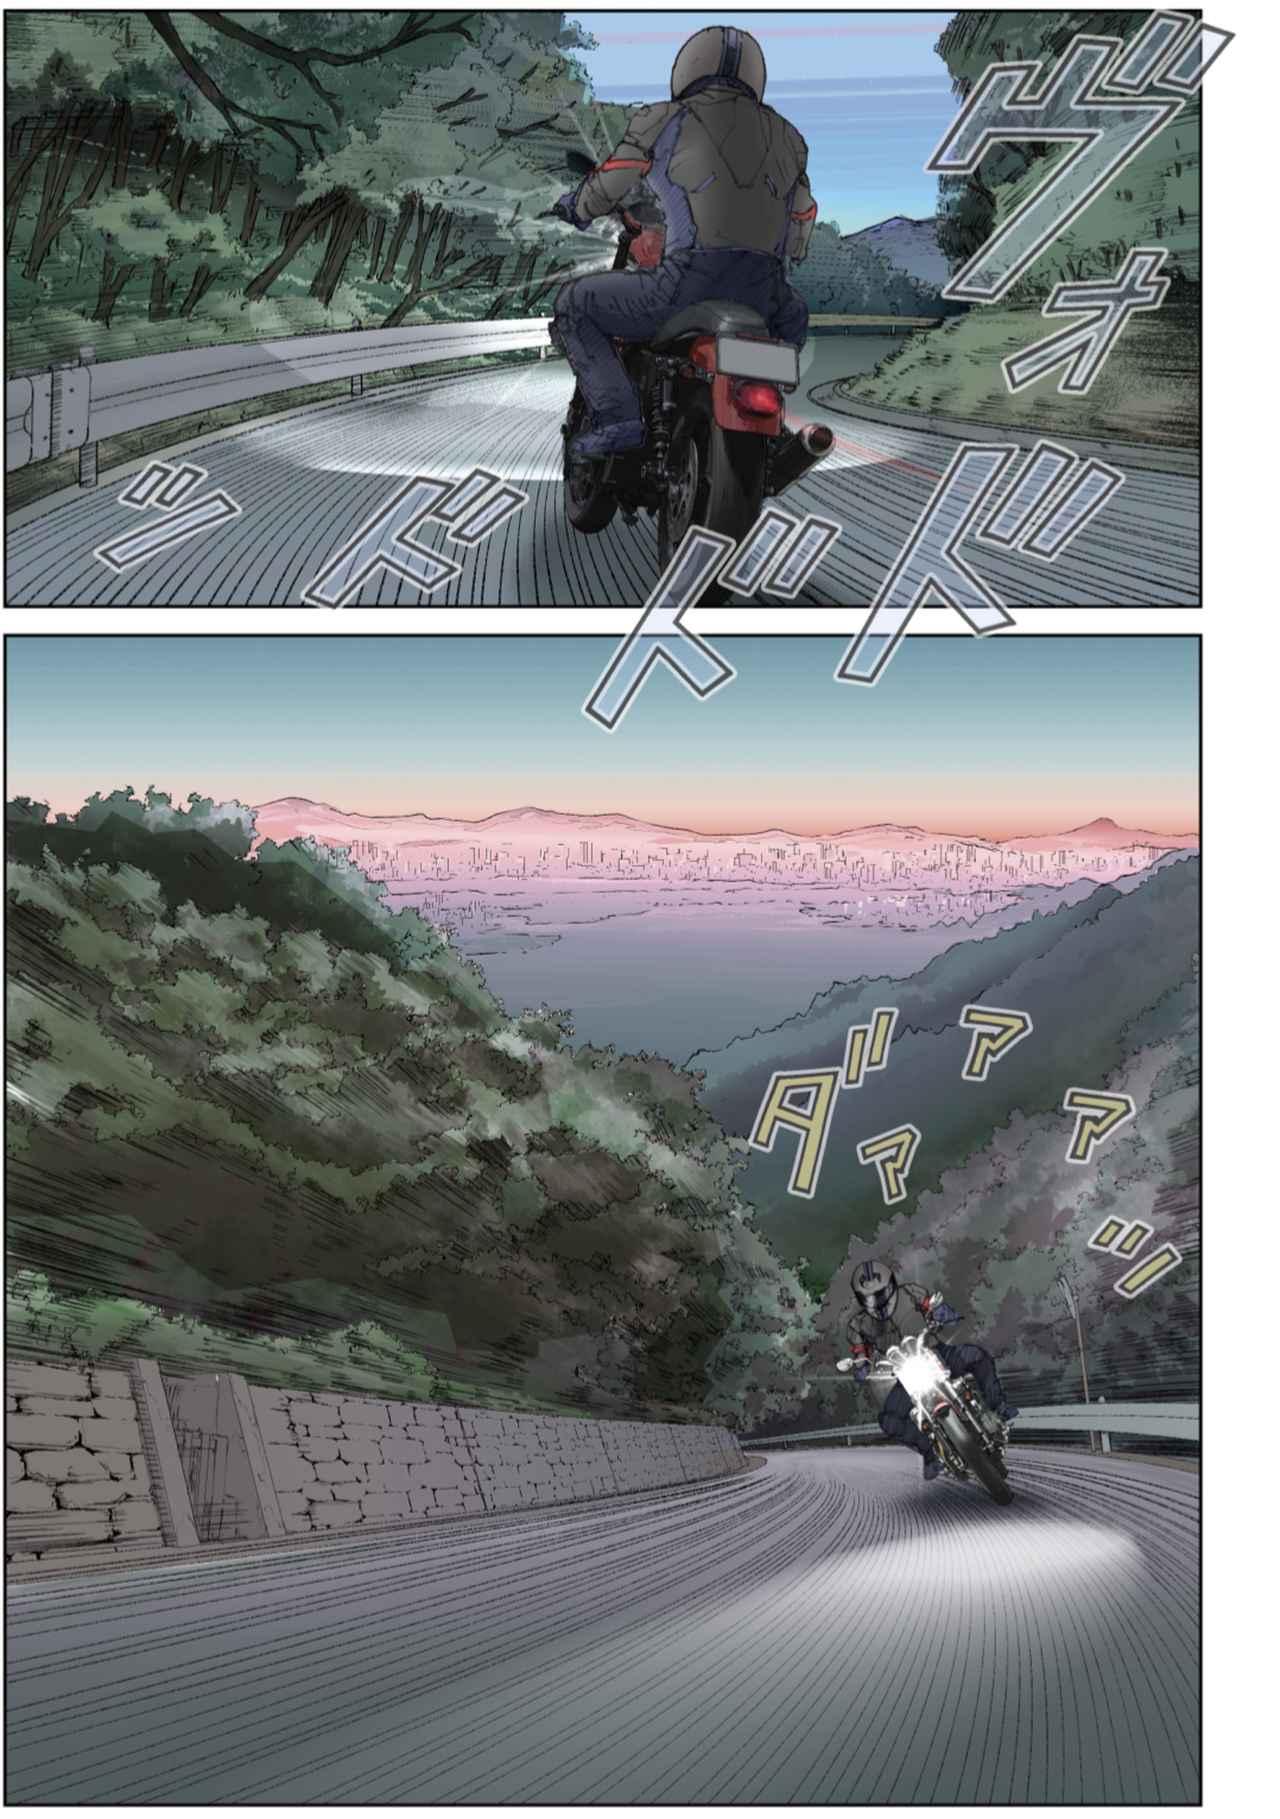 画像1: 毎朝のルーティンを愉しむバイク乗り